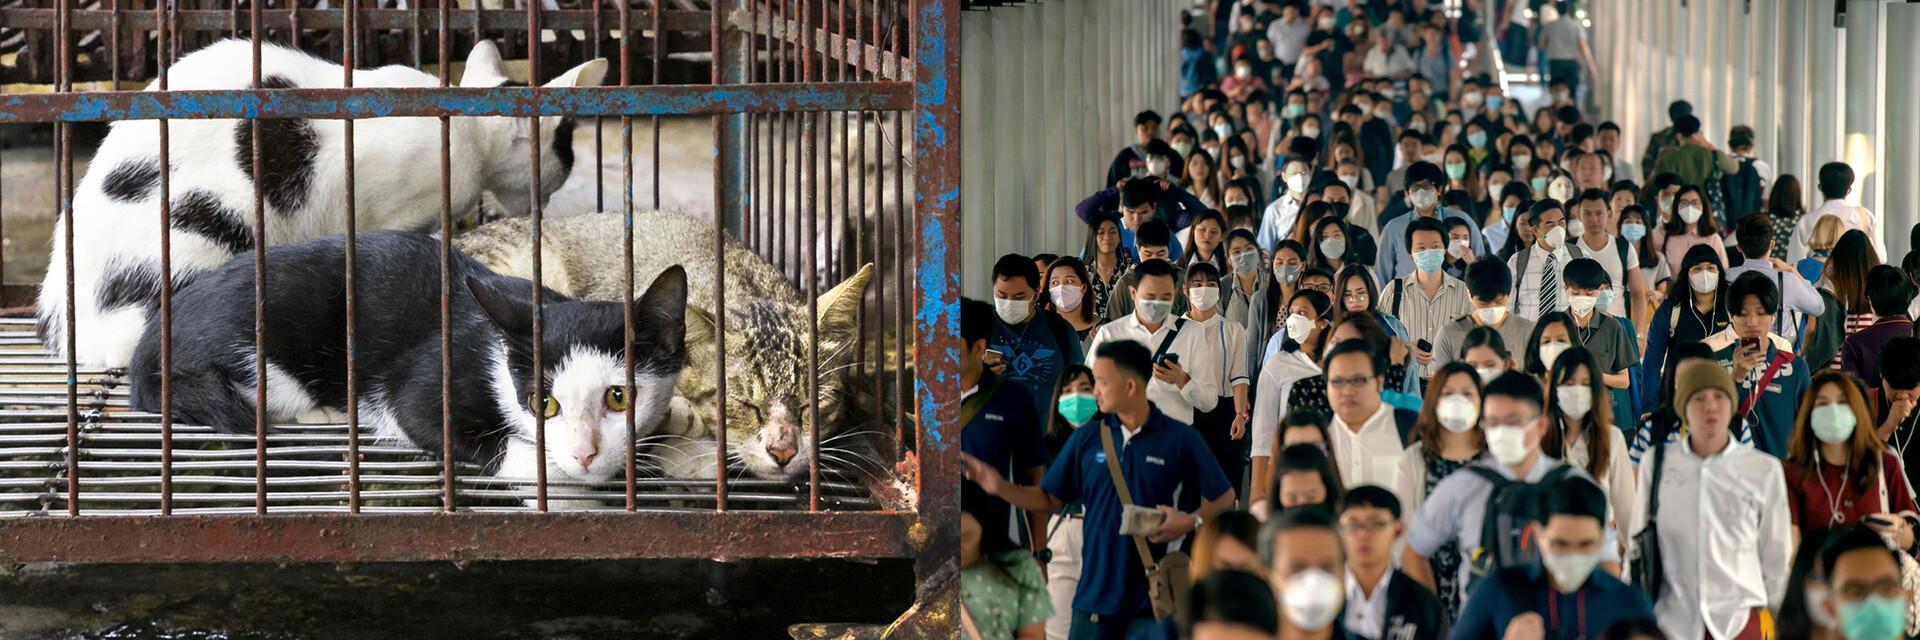 Mối đe dọa đối với Con người và Động vật